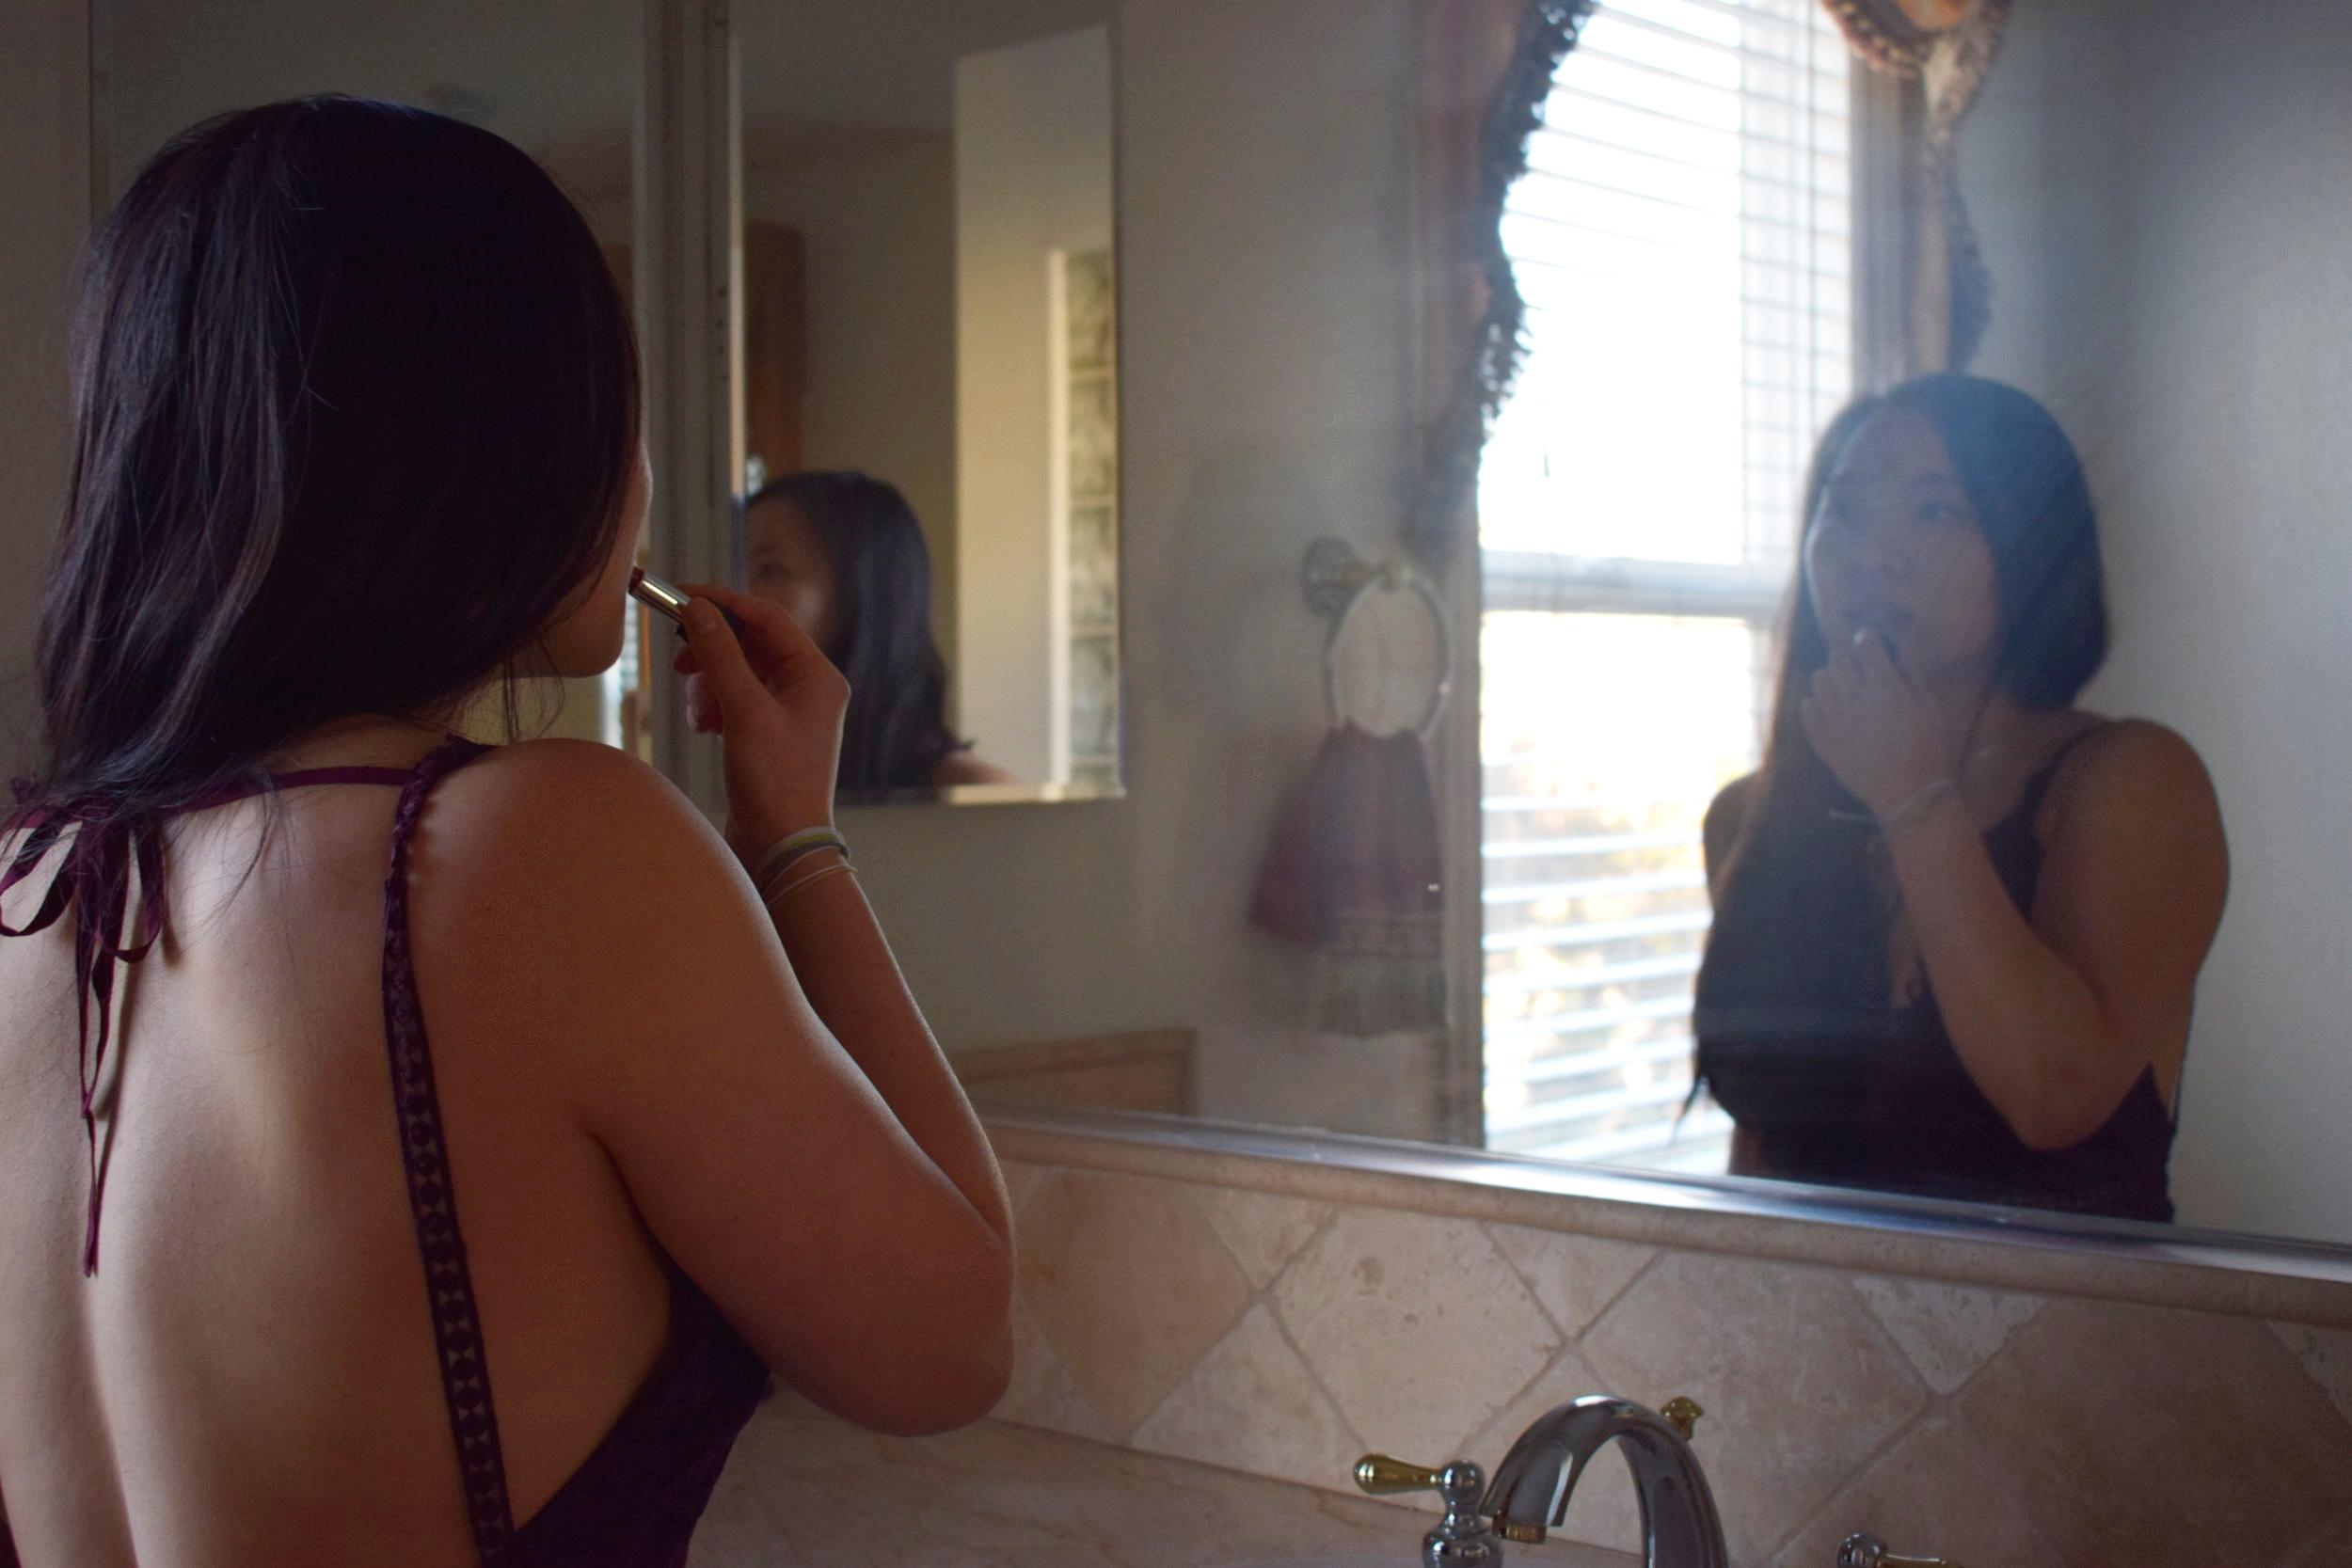 Photo by Danielle Chen // Dress:  Tobi  // Lipstick:  MakeUpForever